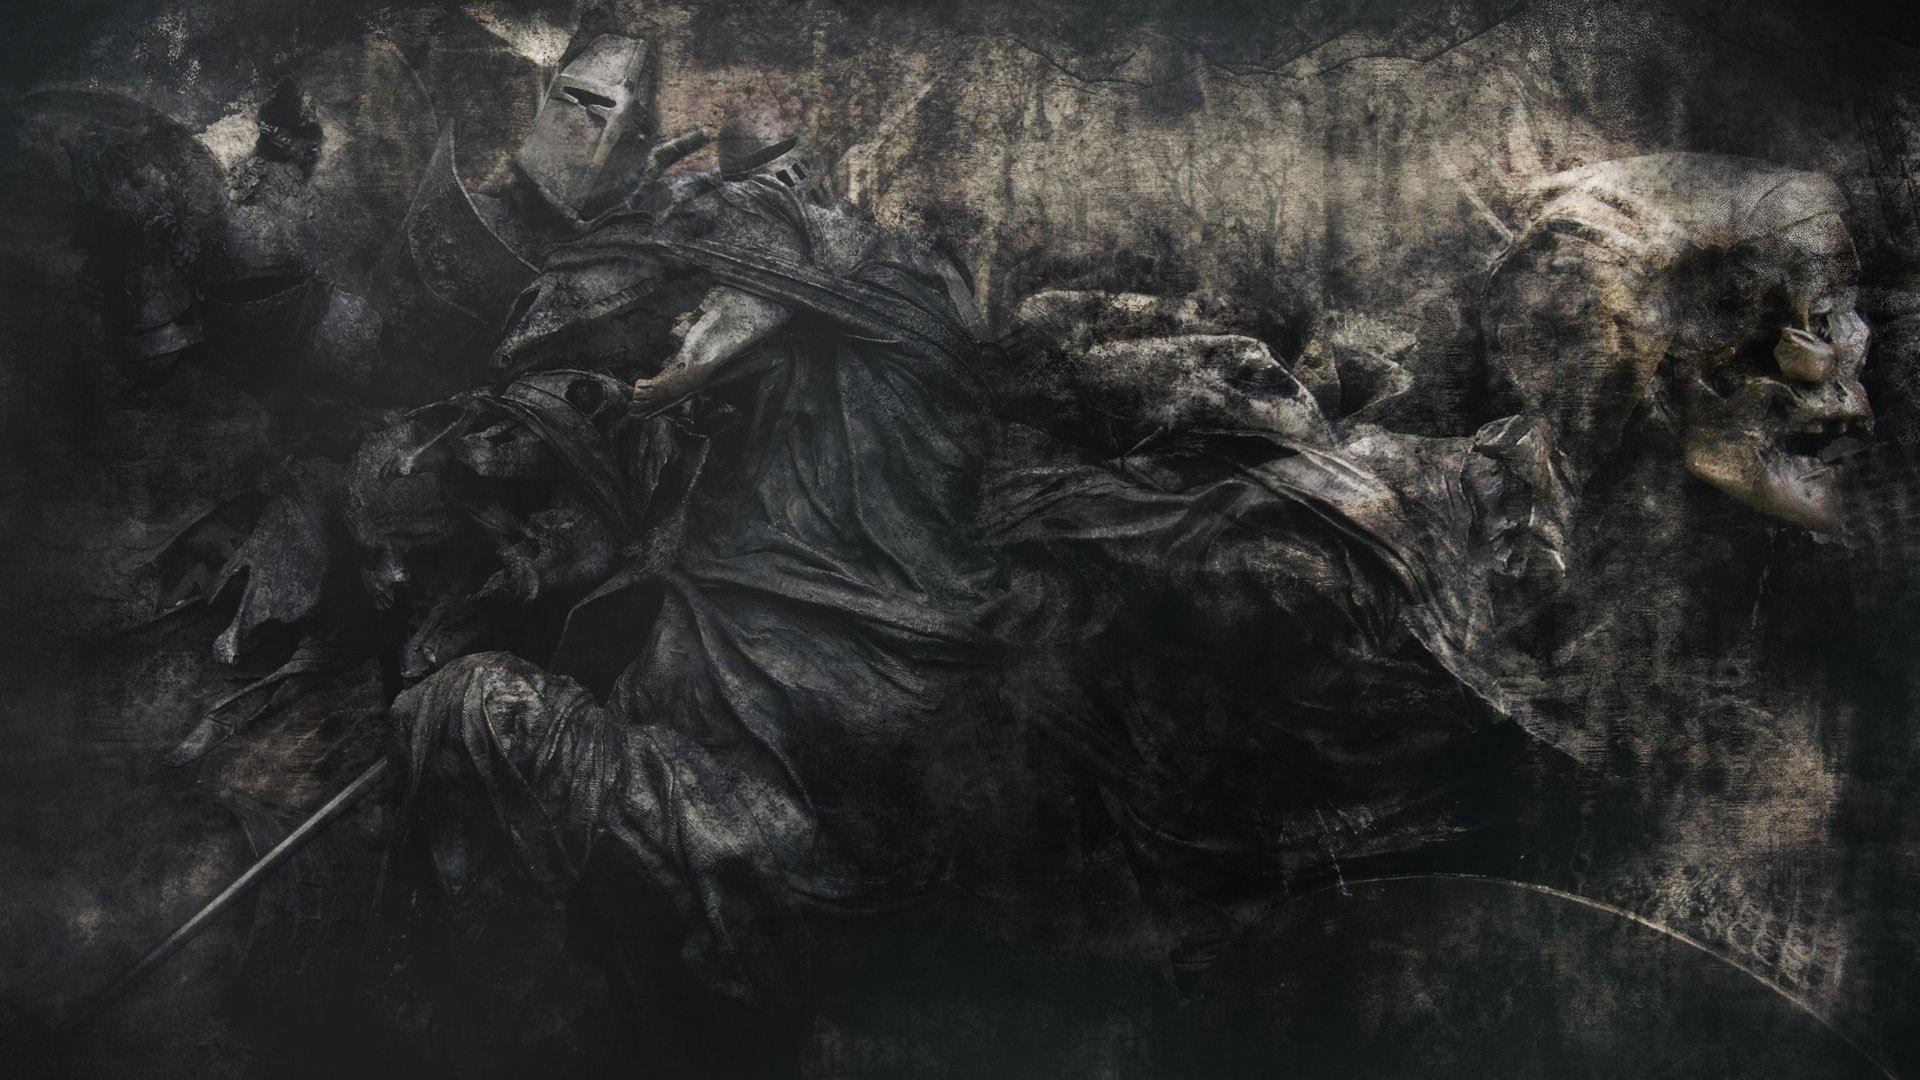 skulls evil skeleton reaper grim horror dead death gothic wallpaper 1920x1080